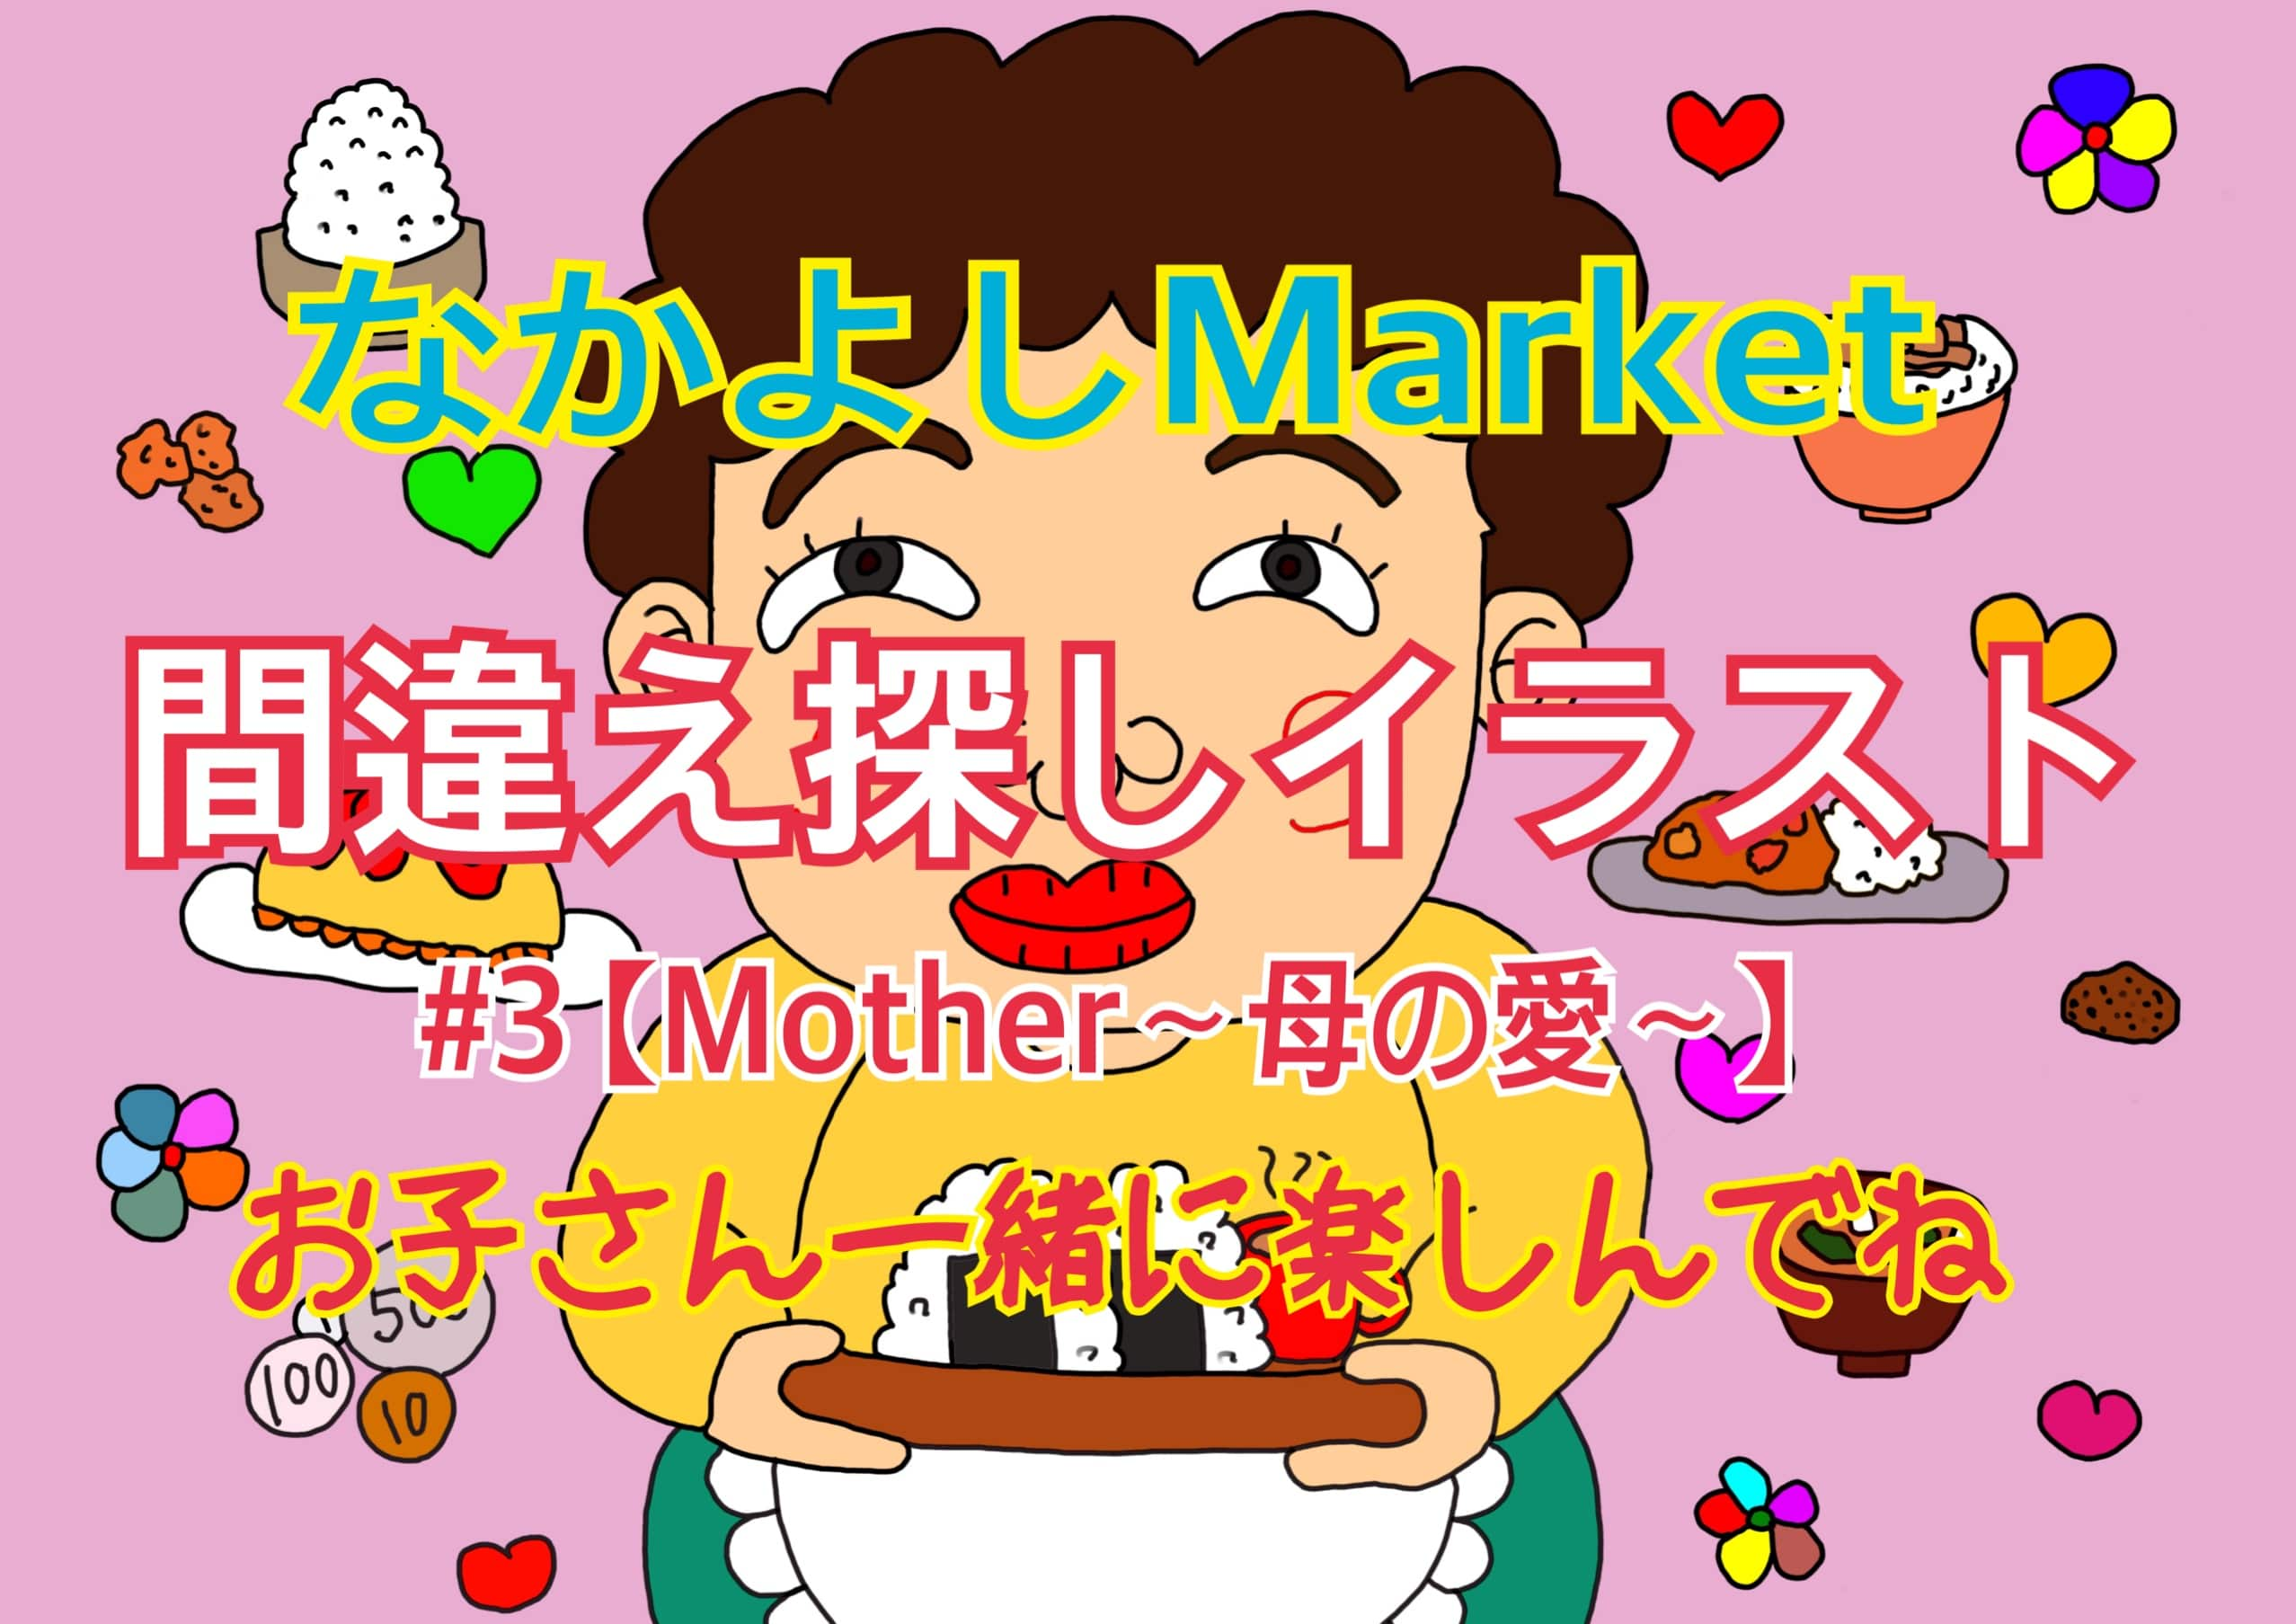 なかよしMarketの間違え探し「Mother~母の愛~」の正解イラスト